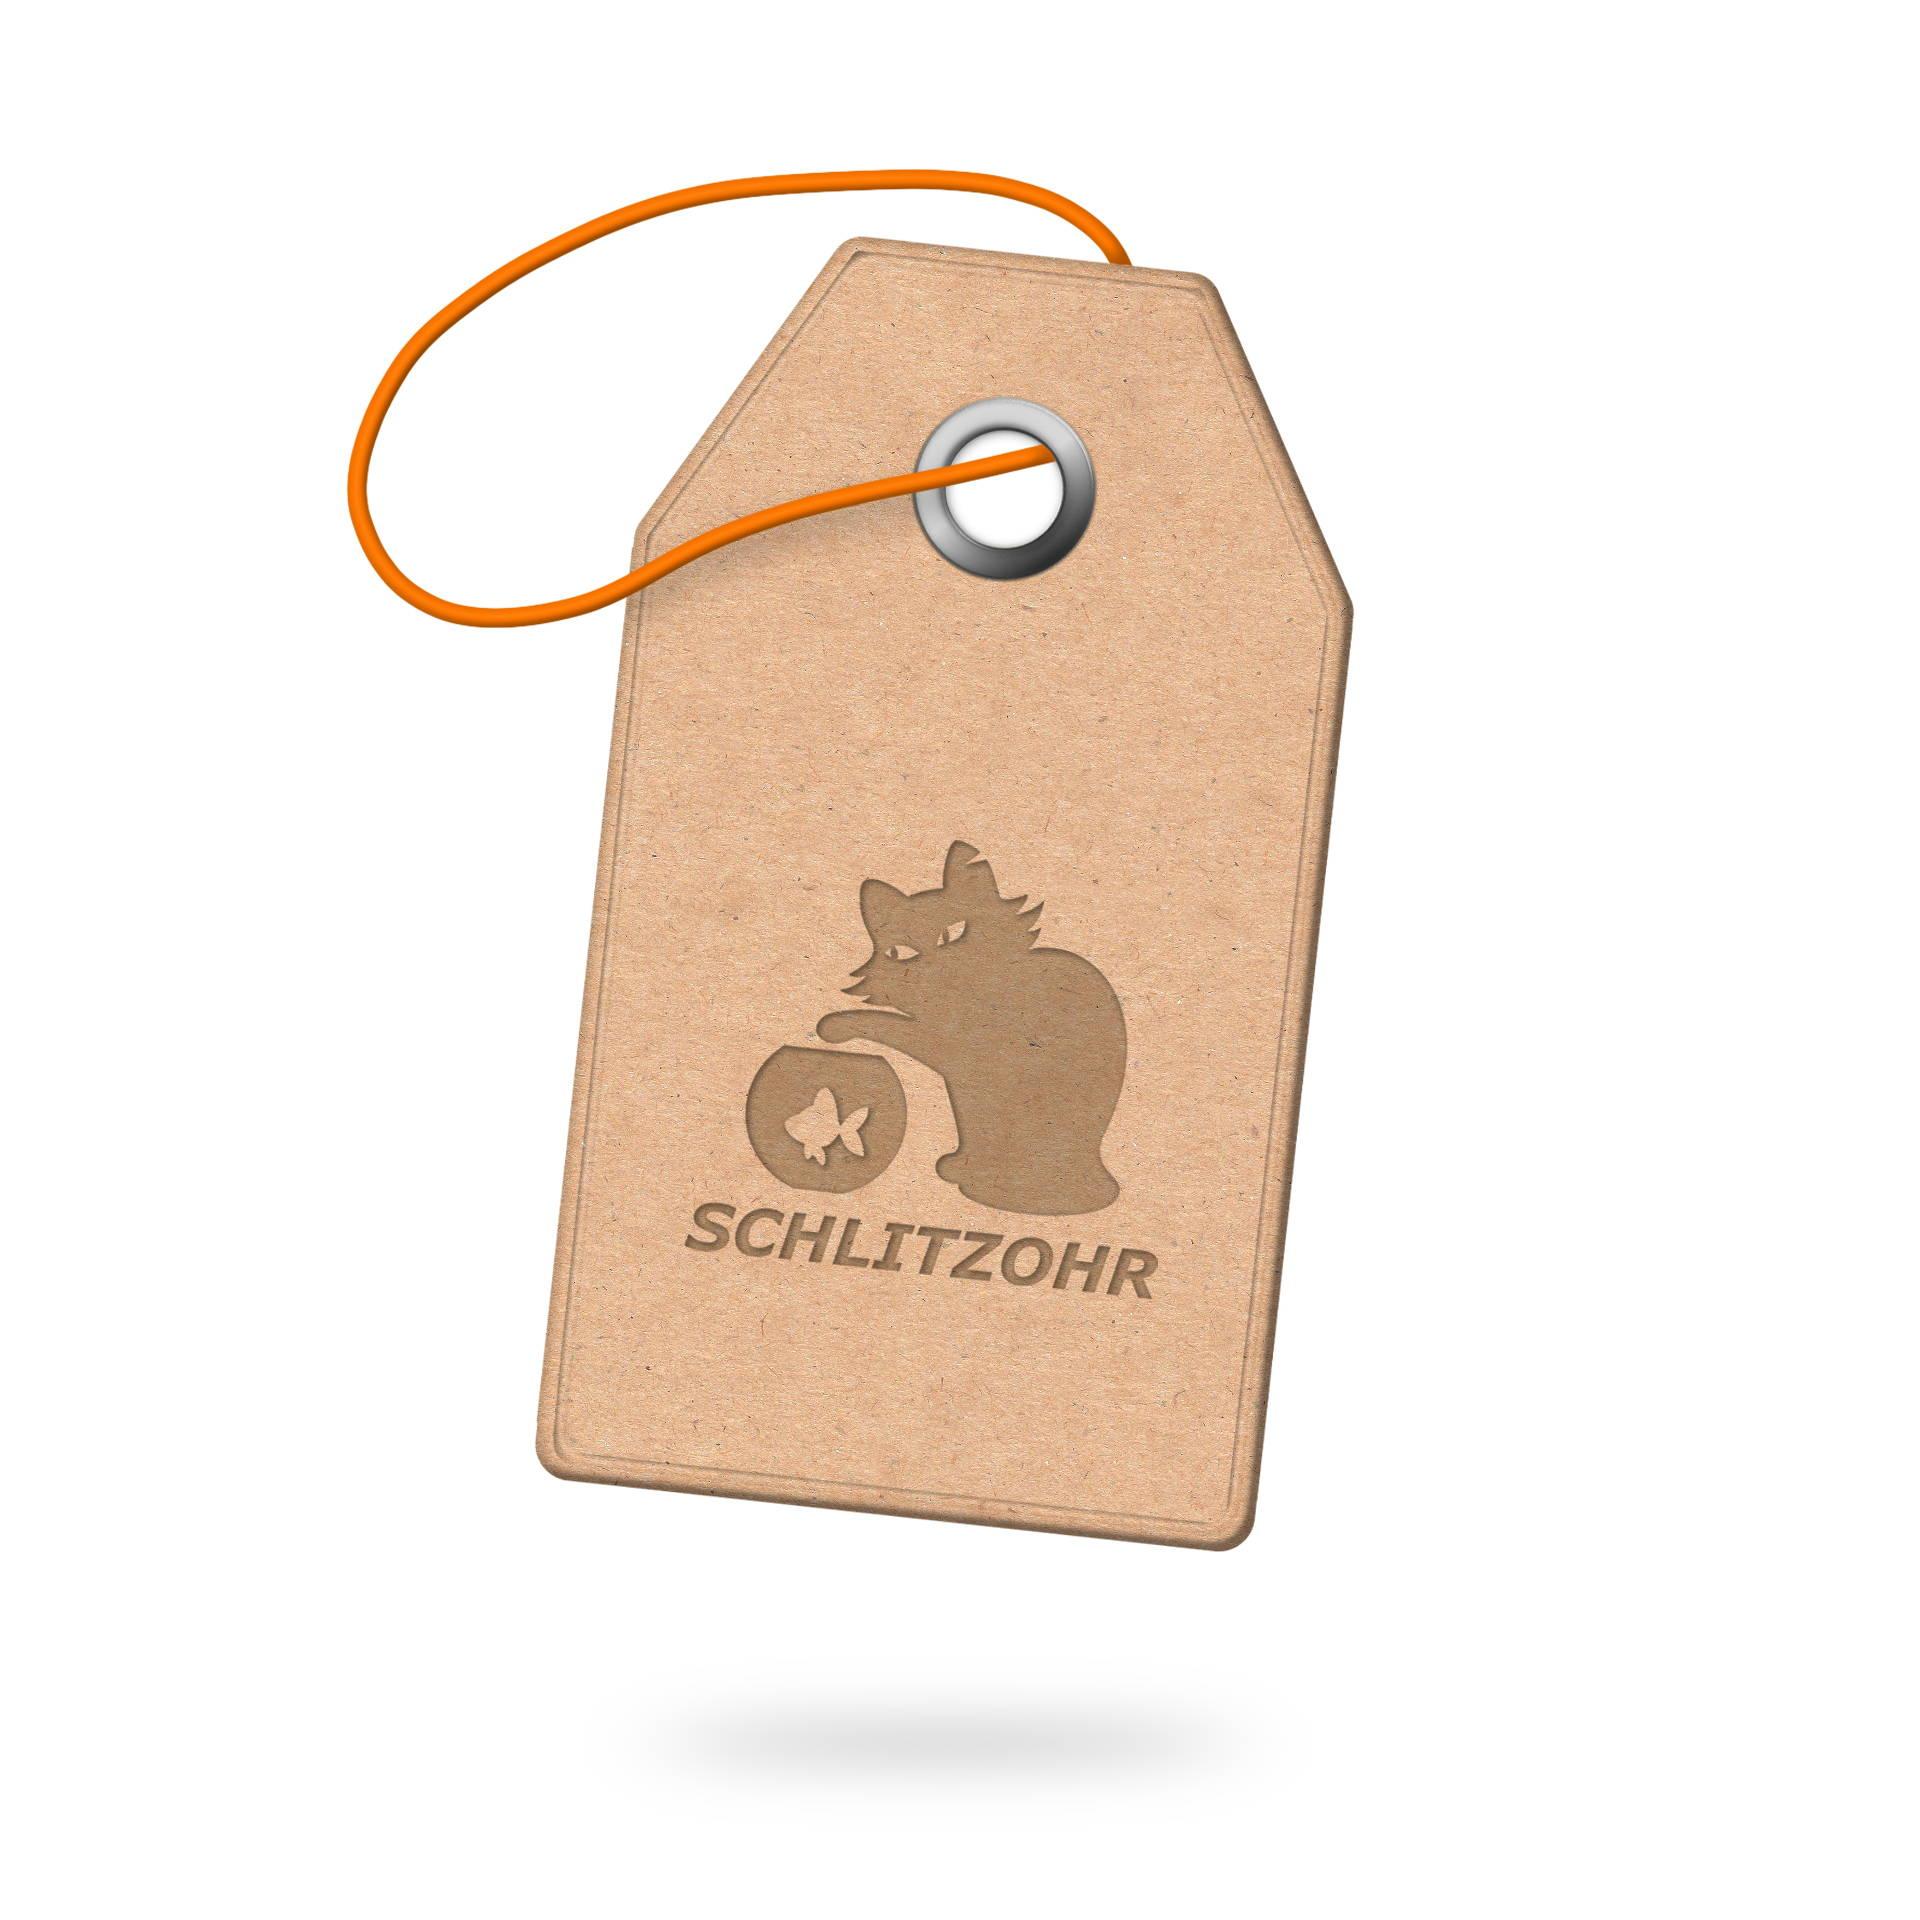 Katzenhängematte & Fensterliegeplatz - Schlitzohr Etikett